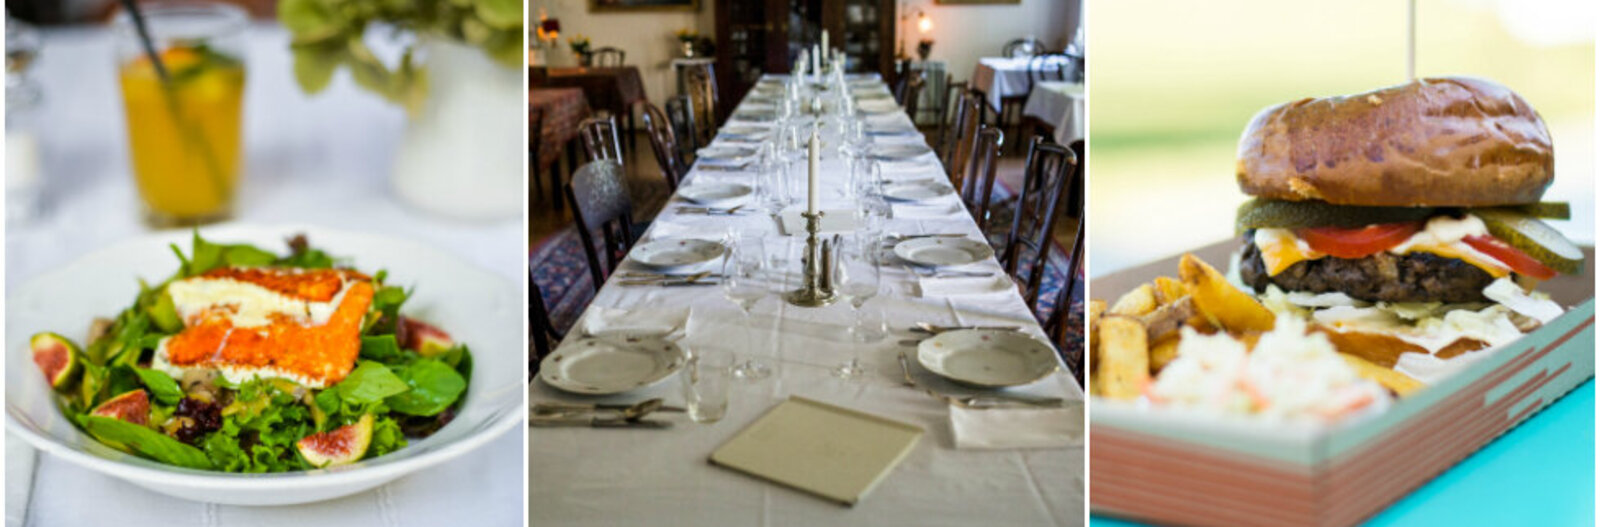 A sültes tálon túl is van élet - 30 különleges balatoni étterem